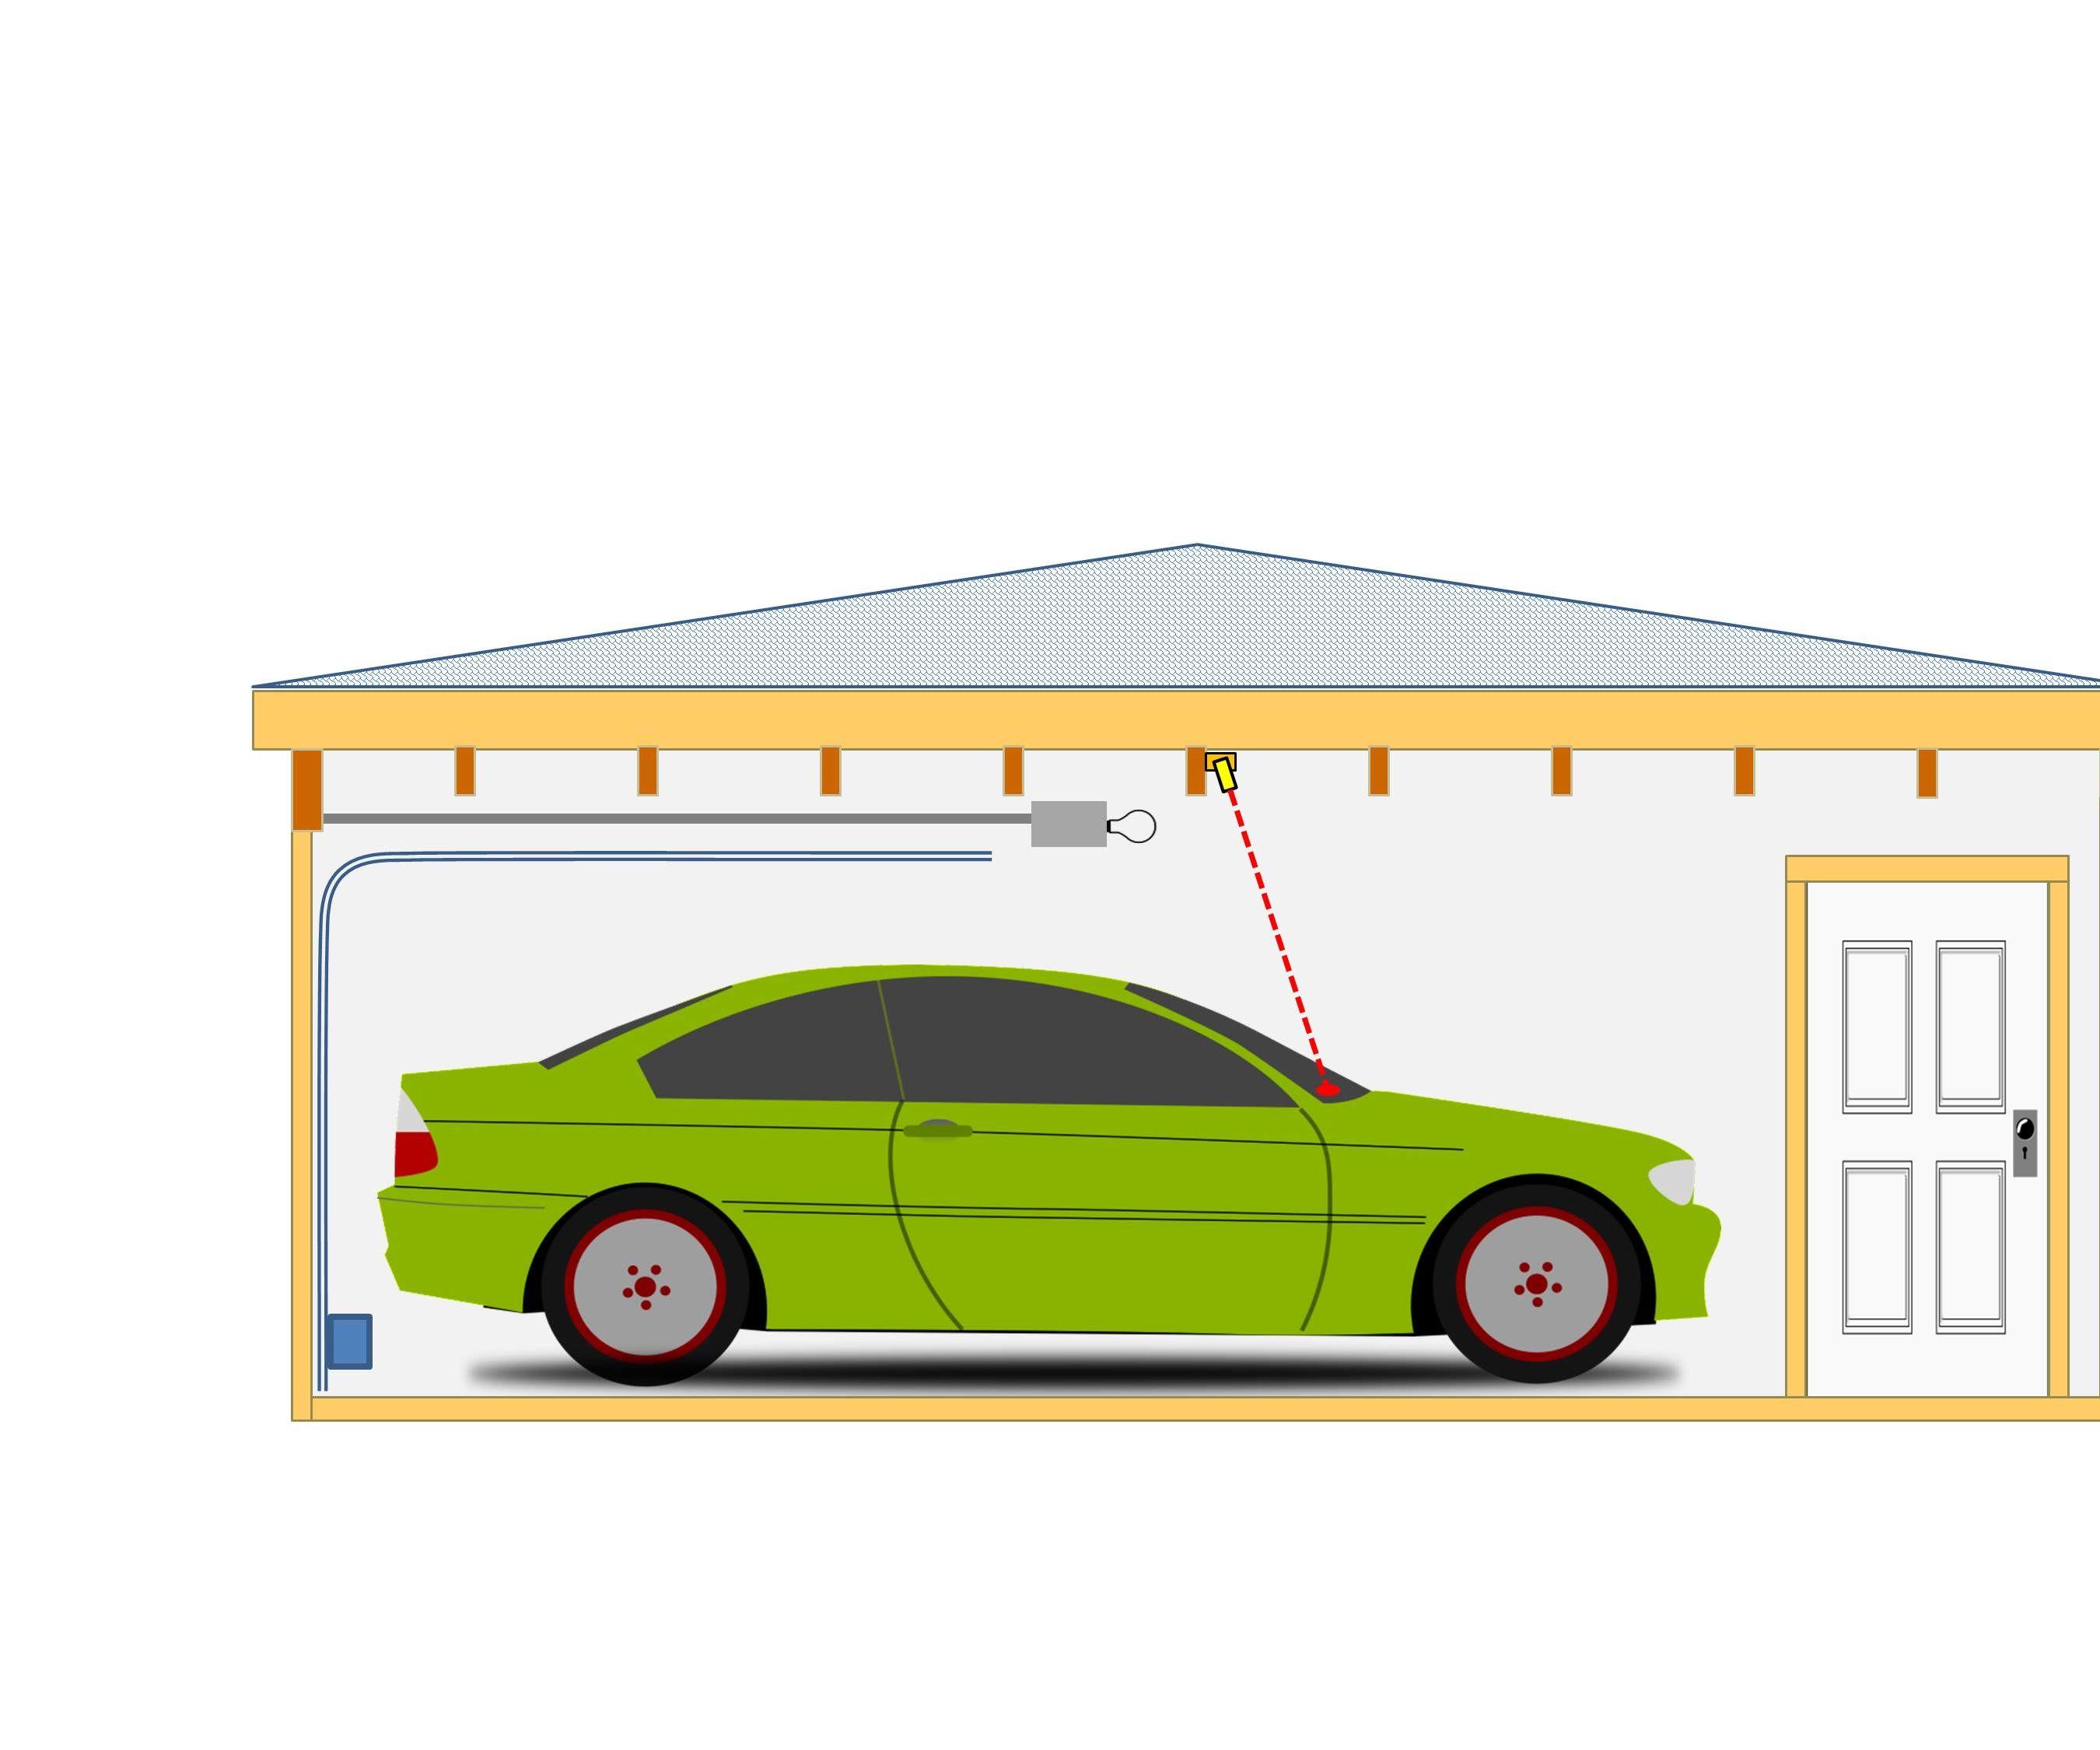 Laser Parking Assitant